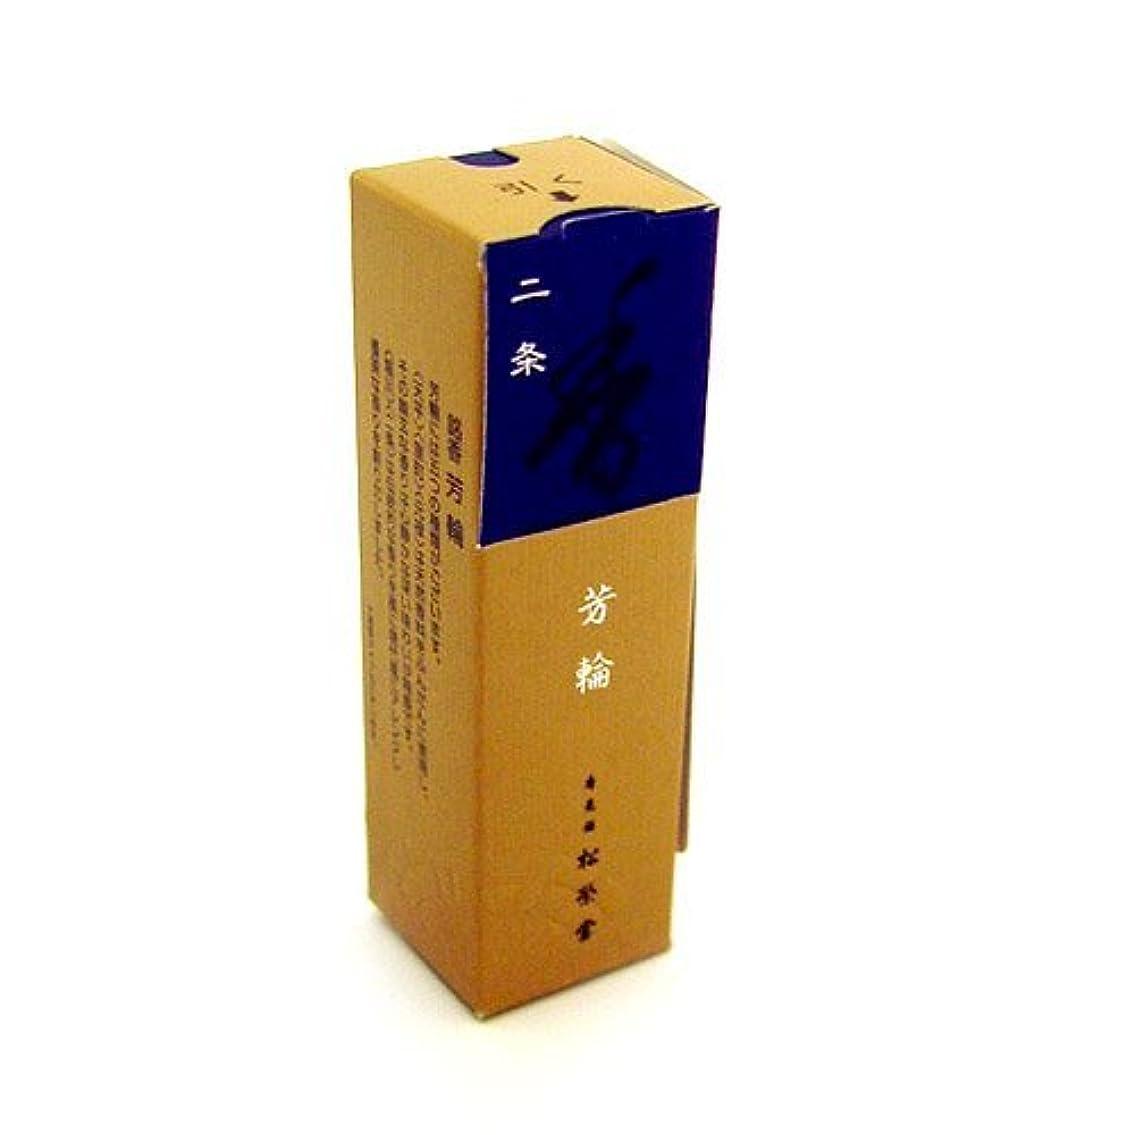 ペックやむを得ないリスナーShoyeido – Horin Incense Sticksの別荘の街 20 Stick(s) 75120